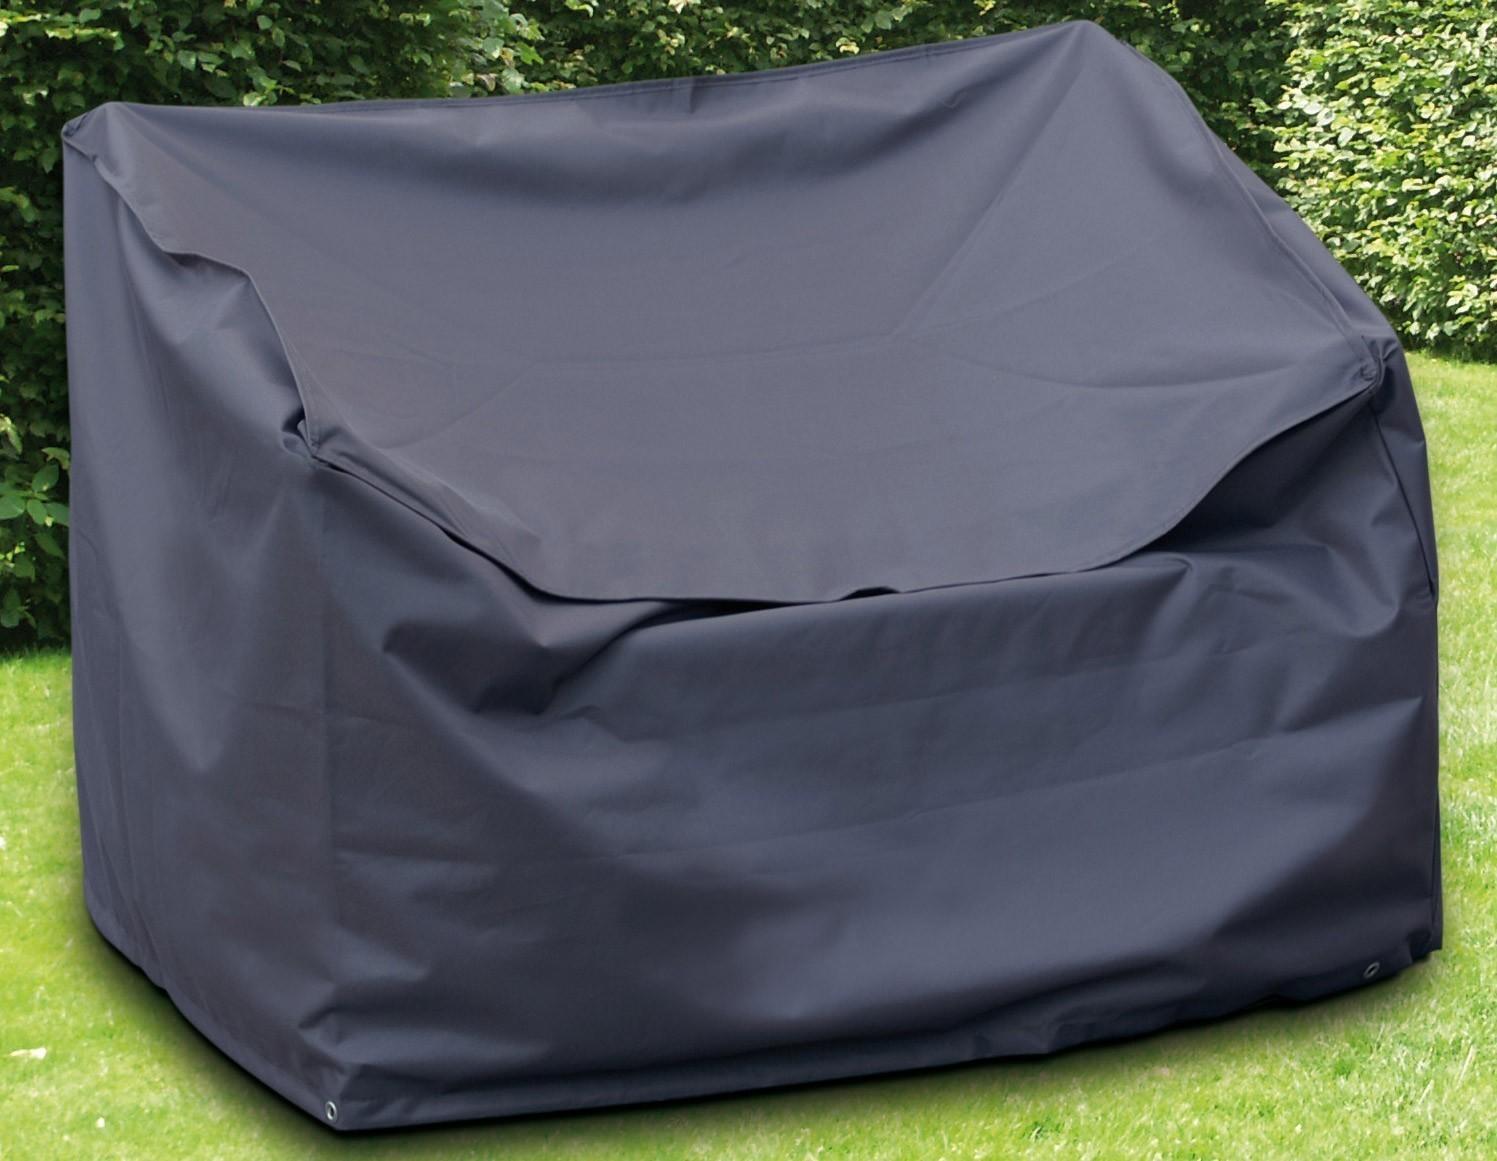 Schutzhülle Wehncke Deluxe für Gartenbank 160x75x80cm anthrazit Bild 1